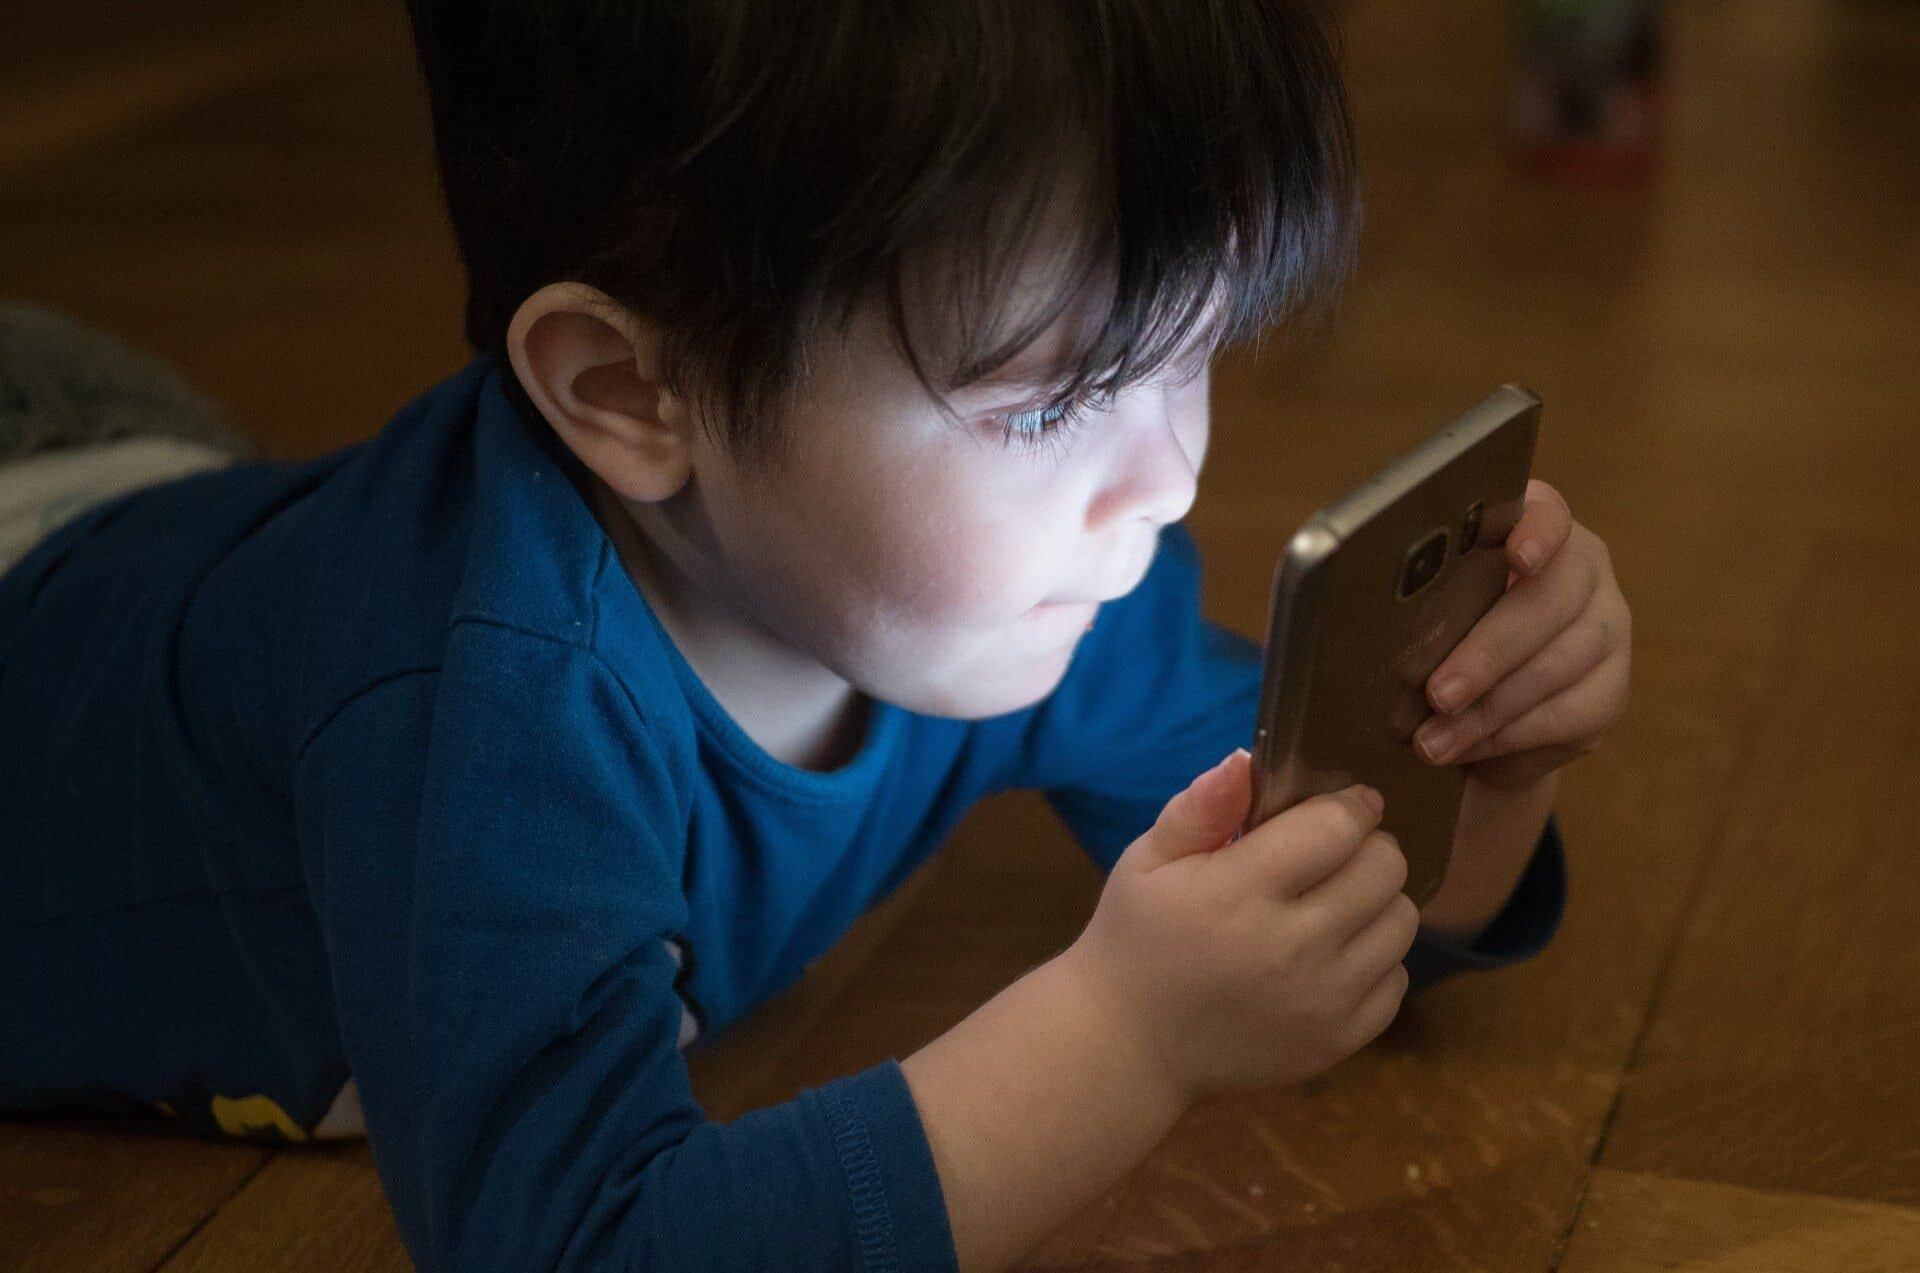 如何在网上保护婴儿照片